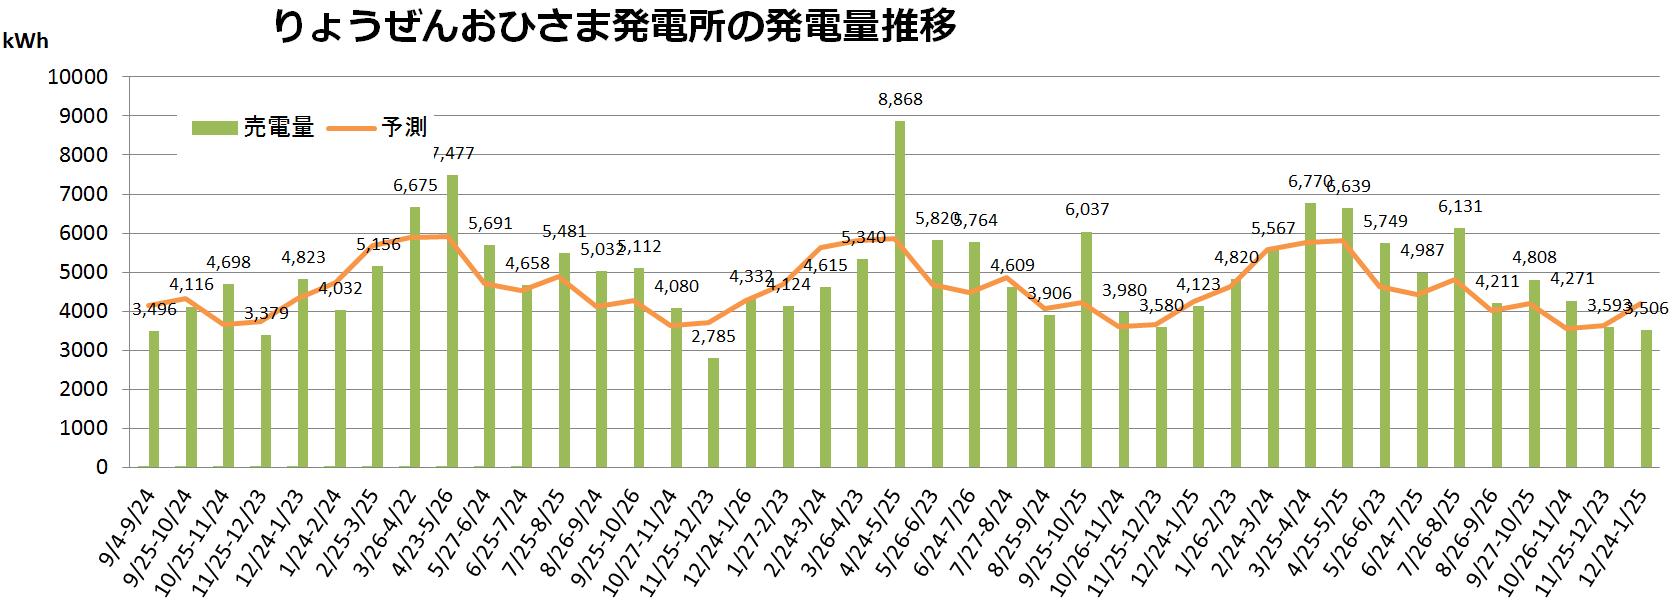 福島りょうぜん市民共同発電所の発電量推移